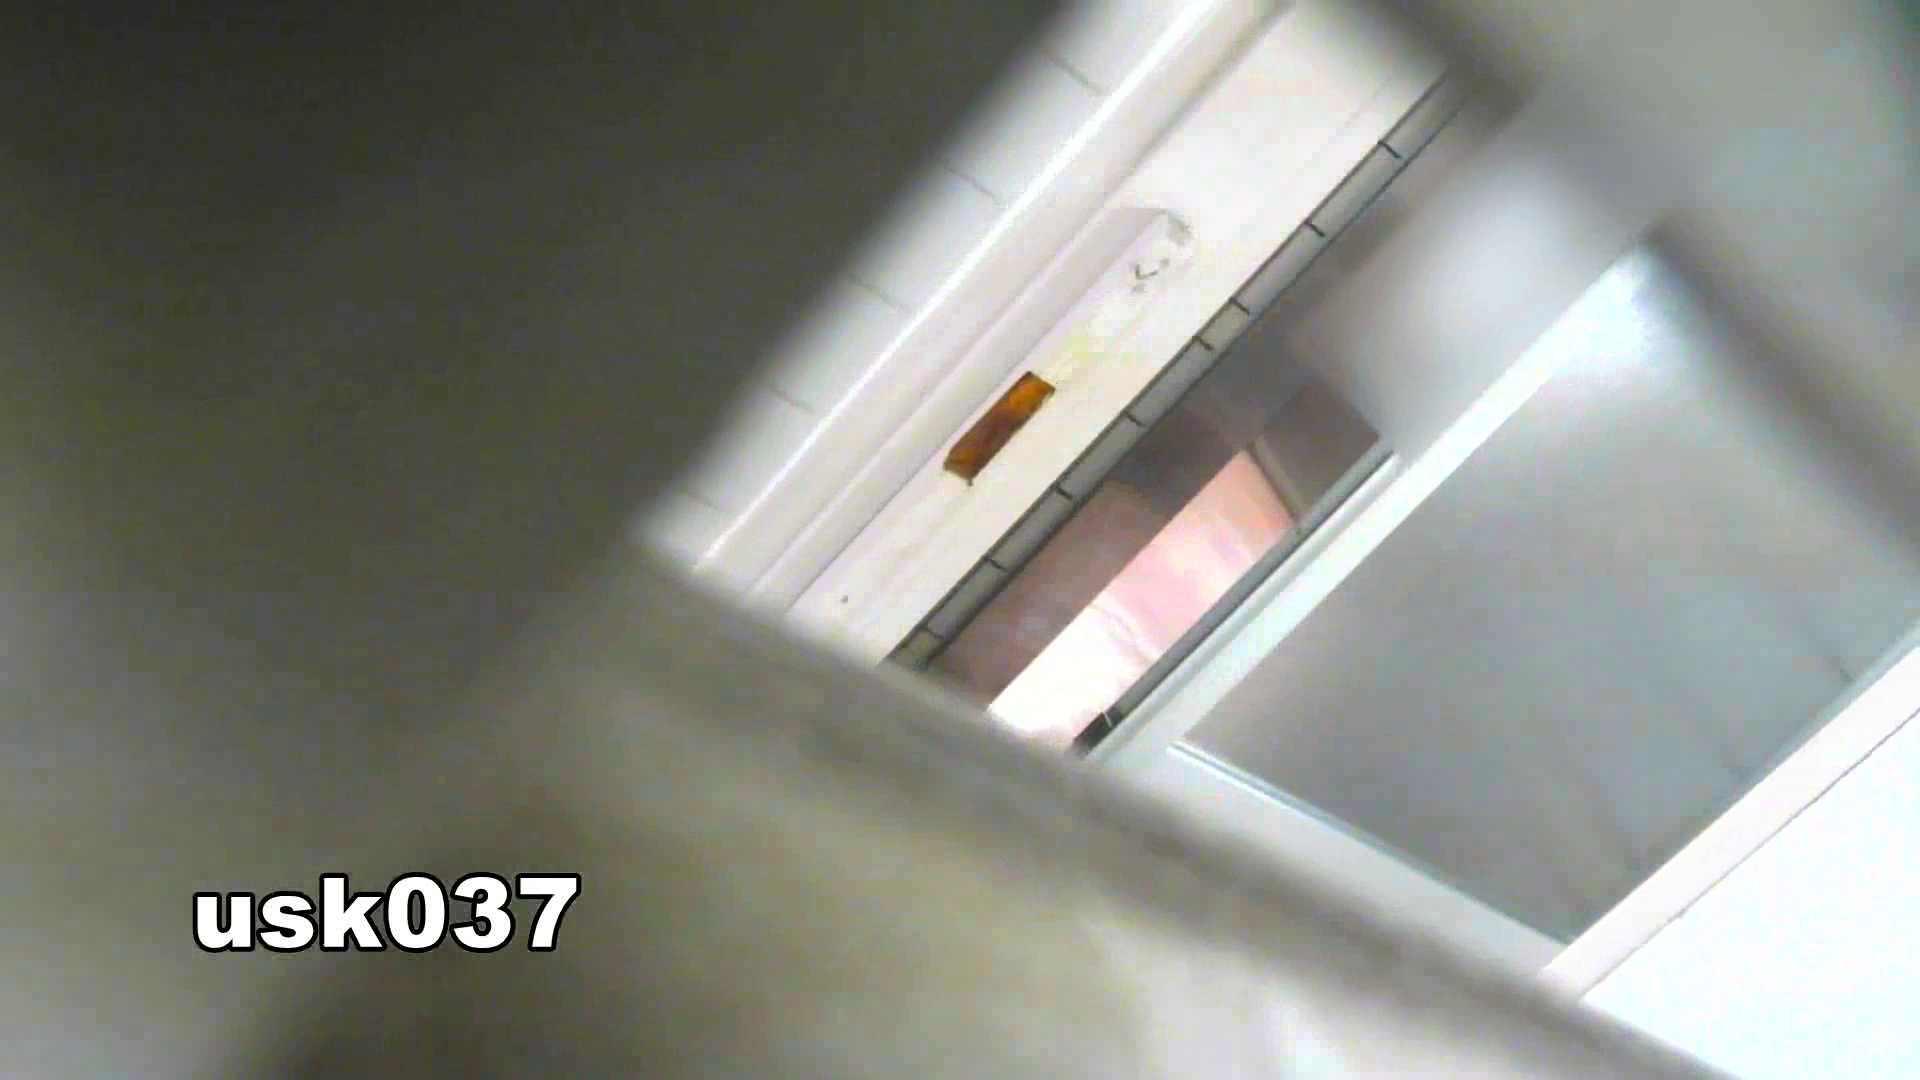 【美しき個室な世界】 vol.037 ひねり出す様子(フトイです) 高評価 AV無料 39画像 14